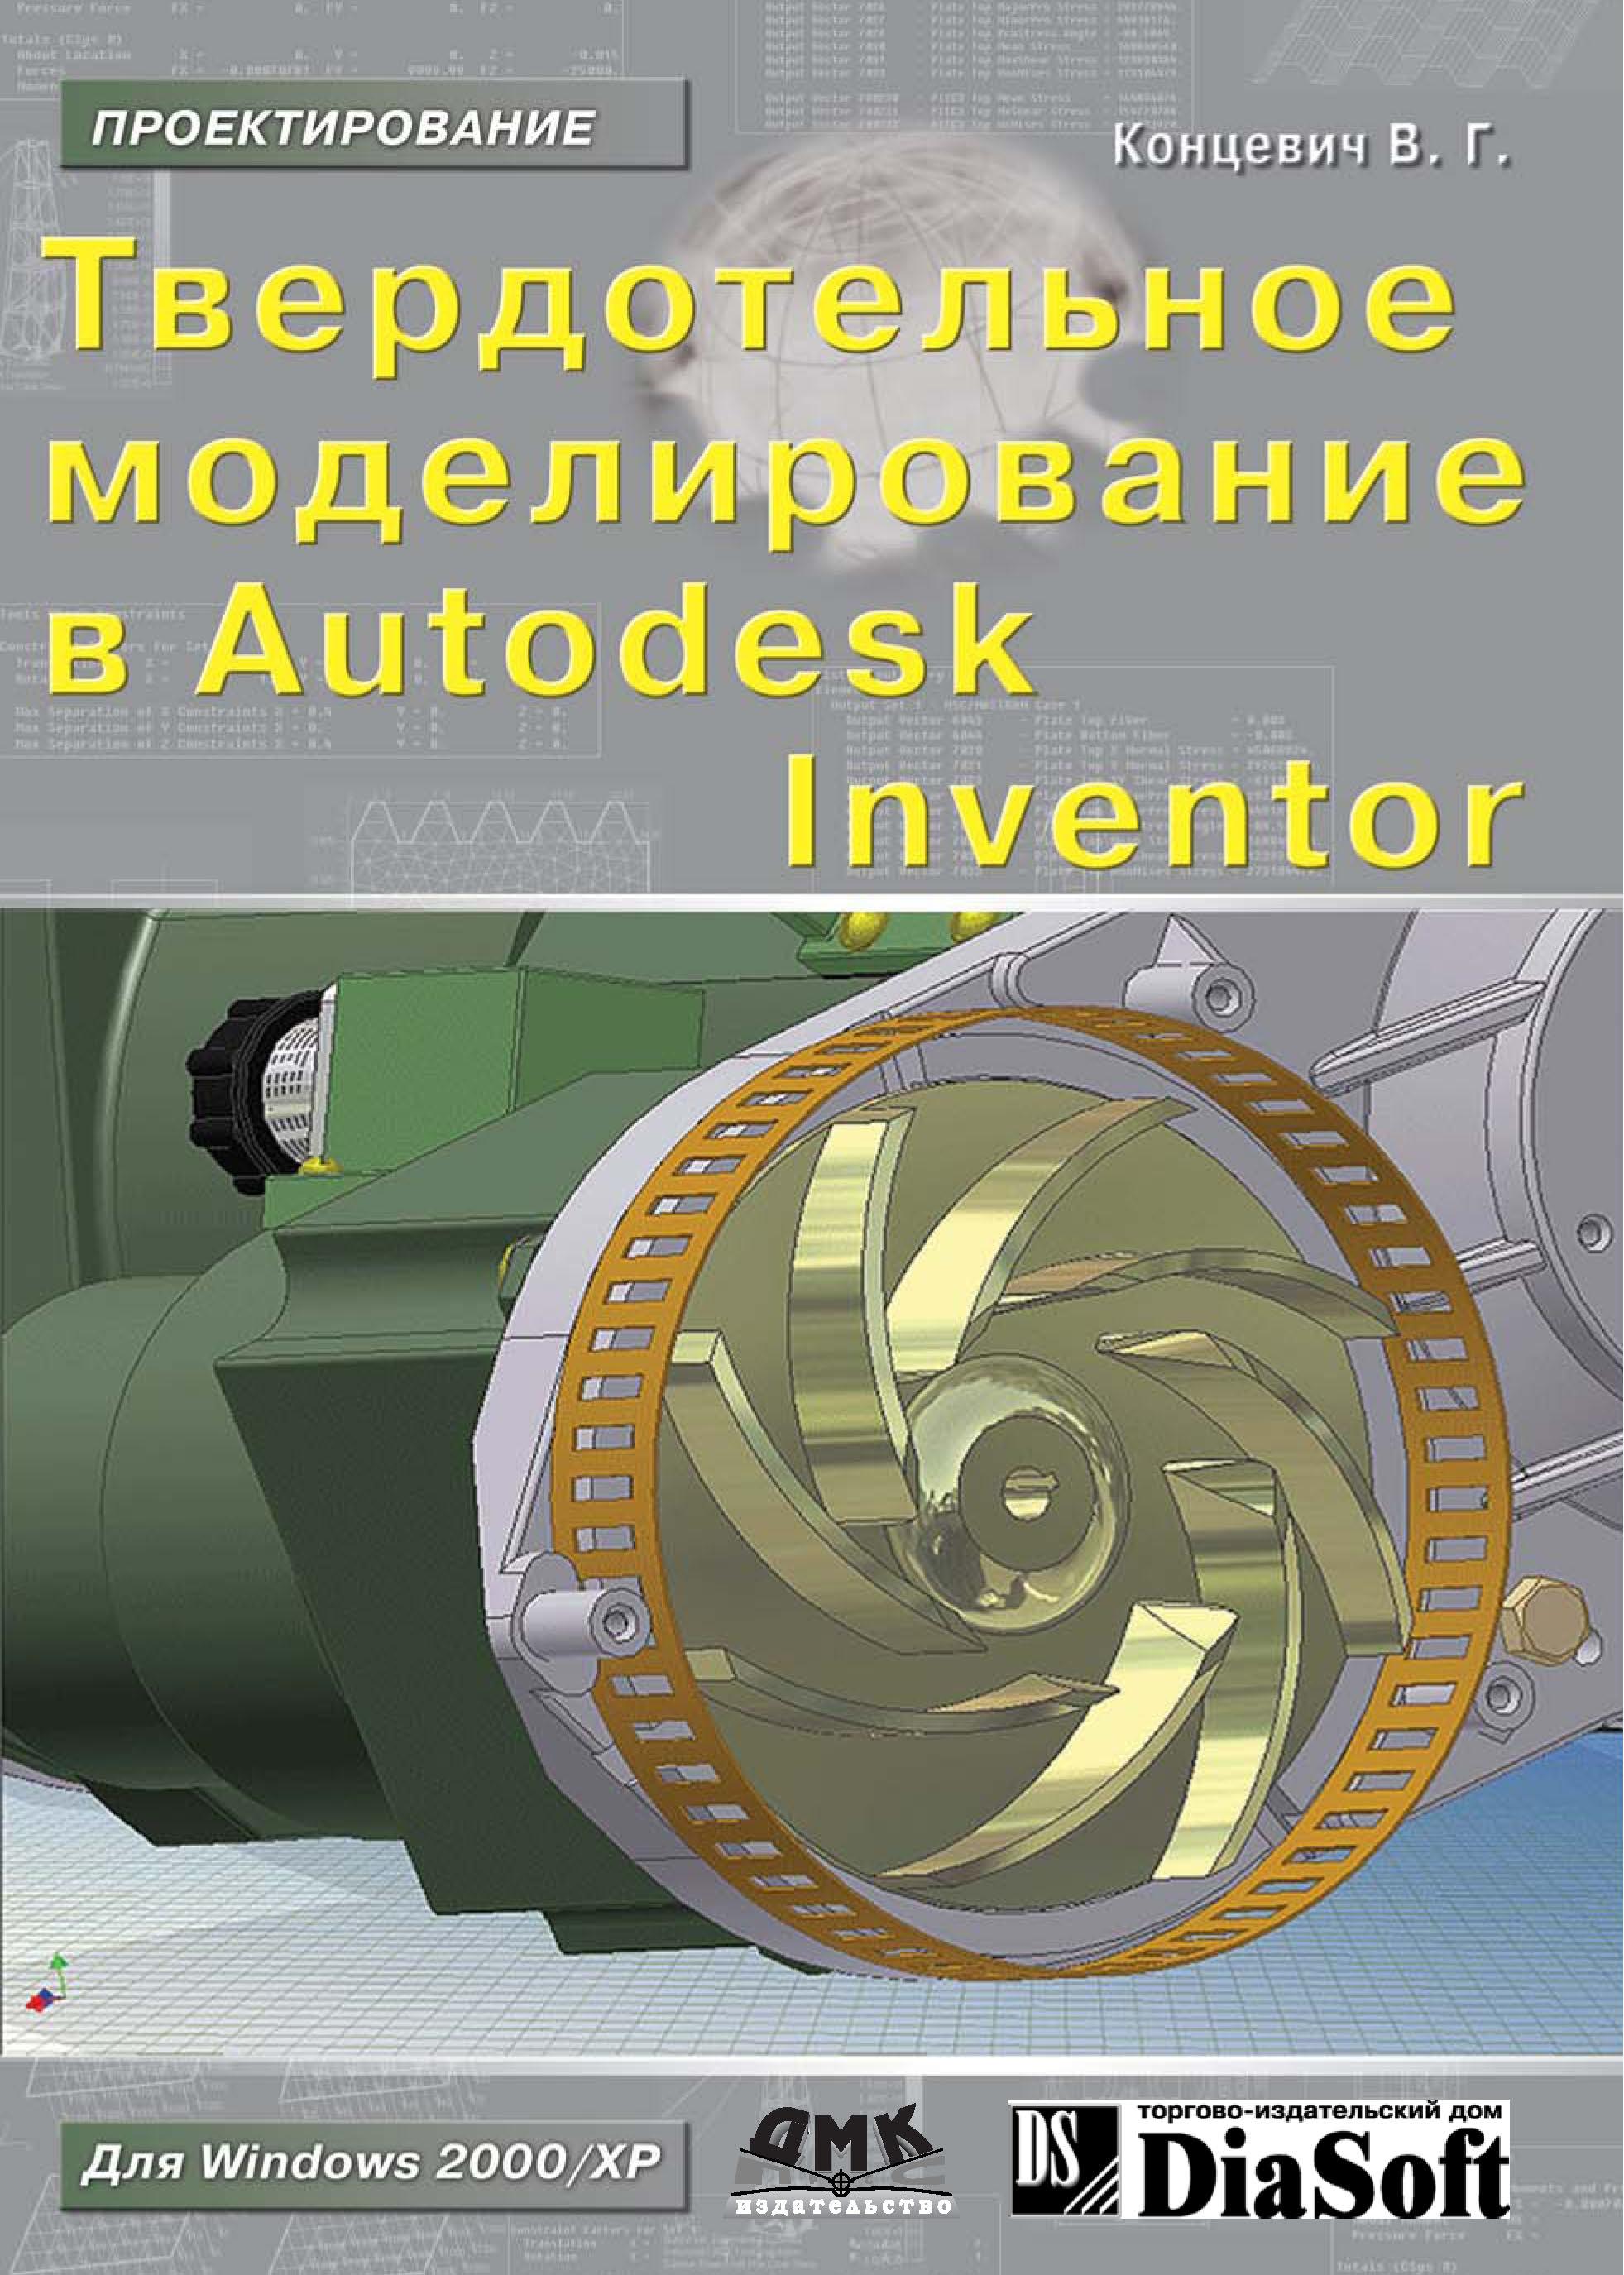 Твердотельное моделирование машиностроительных изделий в Autodesk Inventor